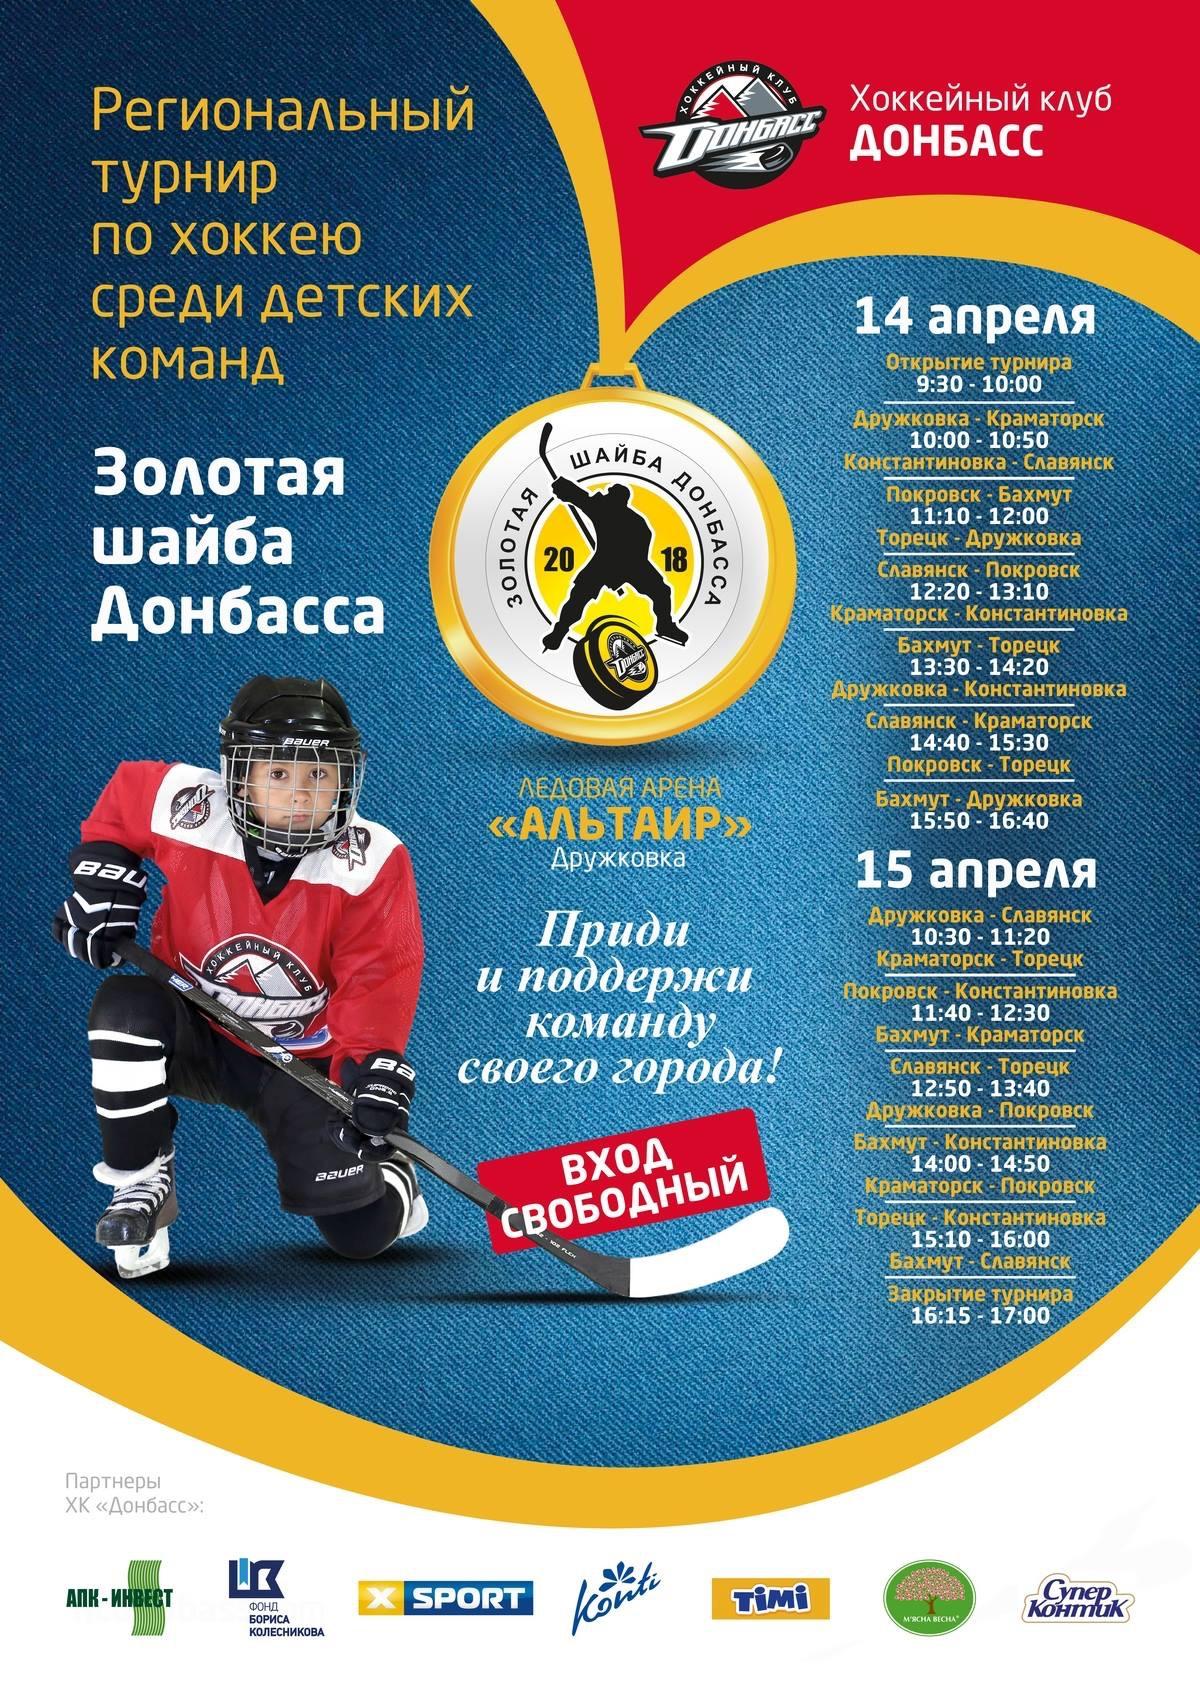 Дружковка: В выходные на ледовой арене пройдёт традиционный турнир «Золотая шайба Донбасса», фото-1